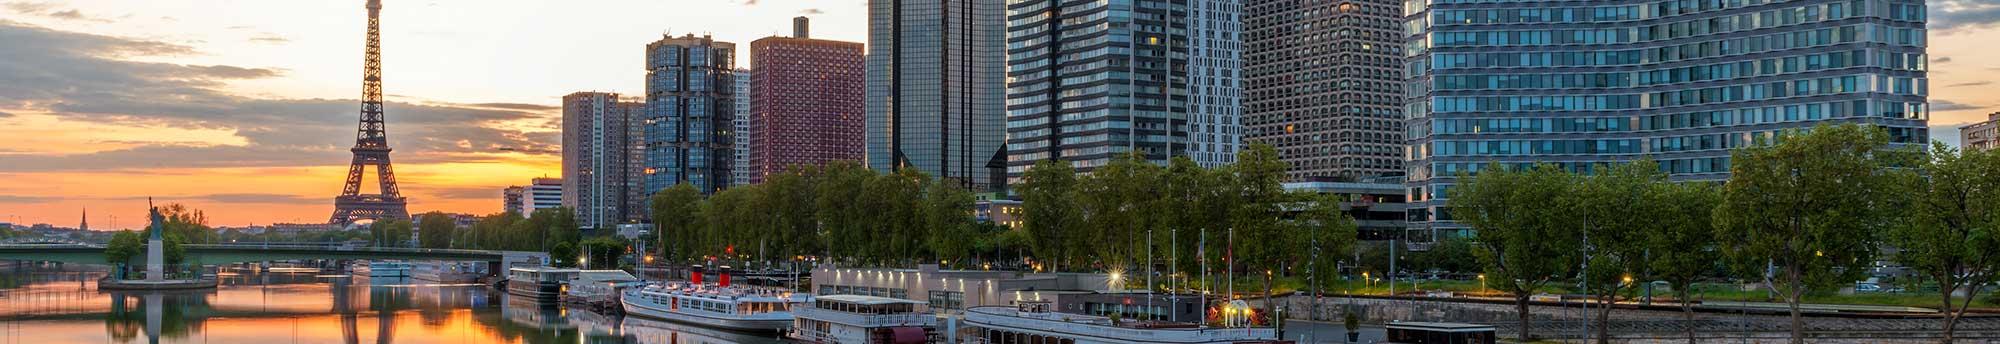 Crucero por el Sena - París